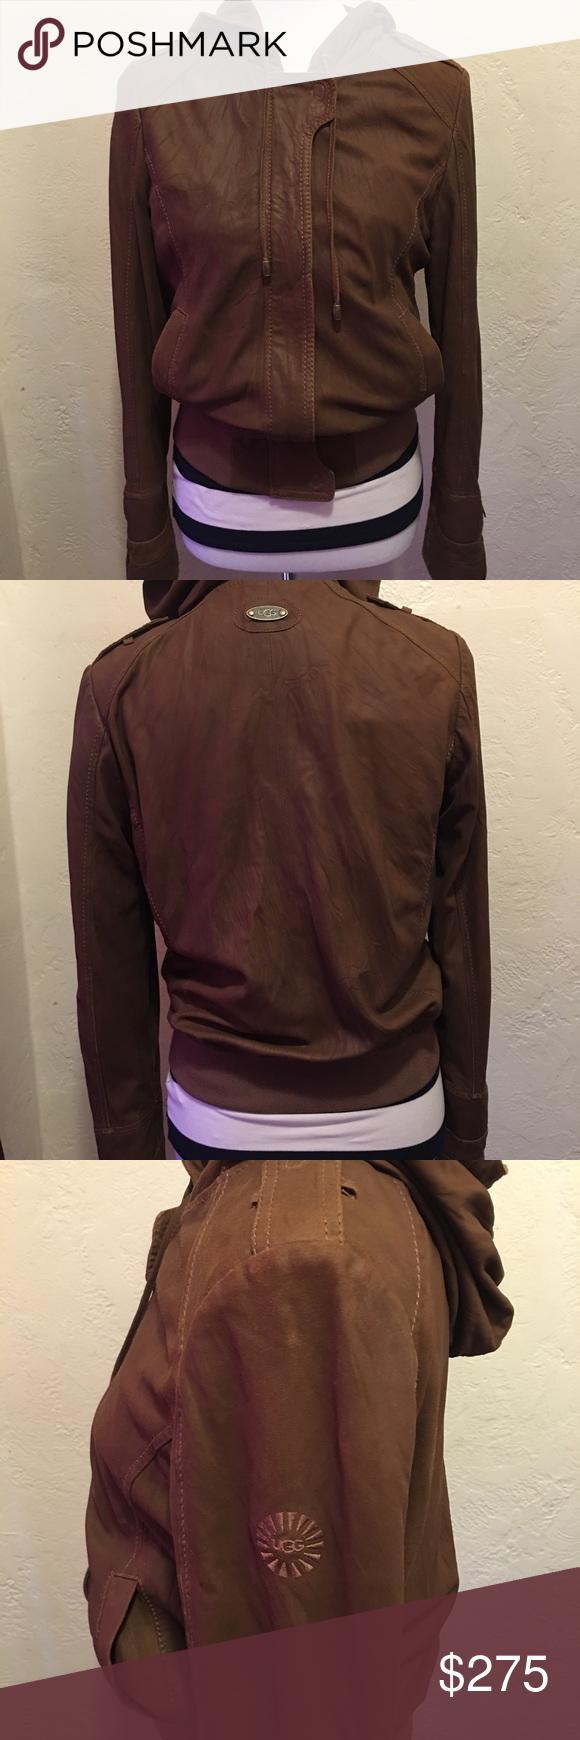 UGG Goat Suede leather Jacket size Medium Ugg jacket